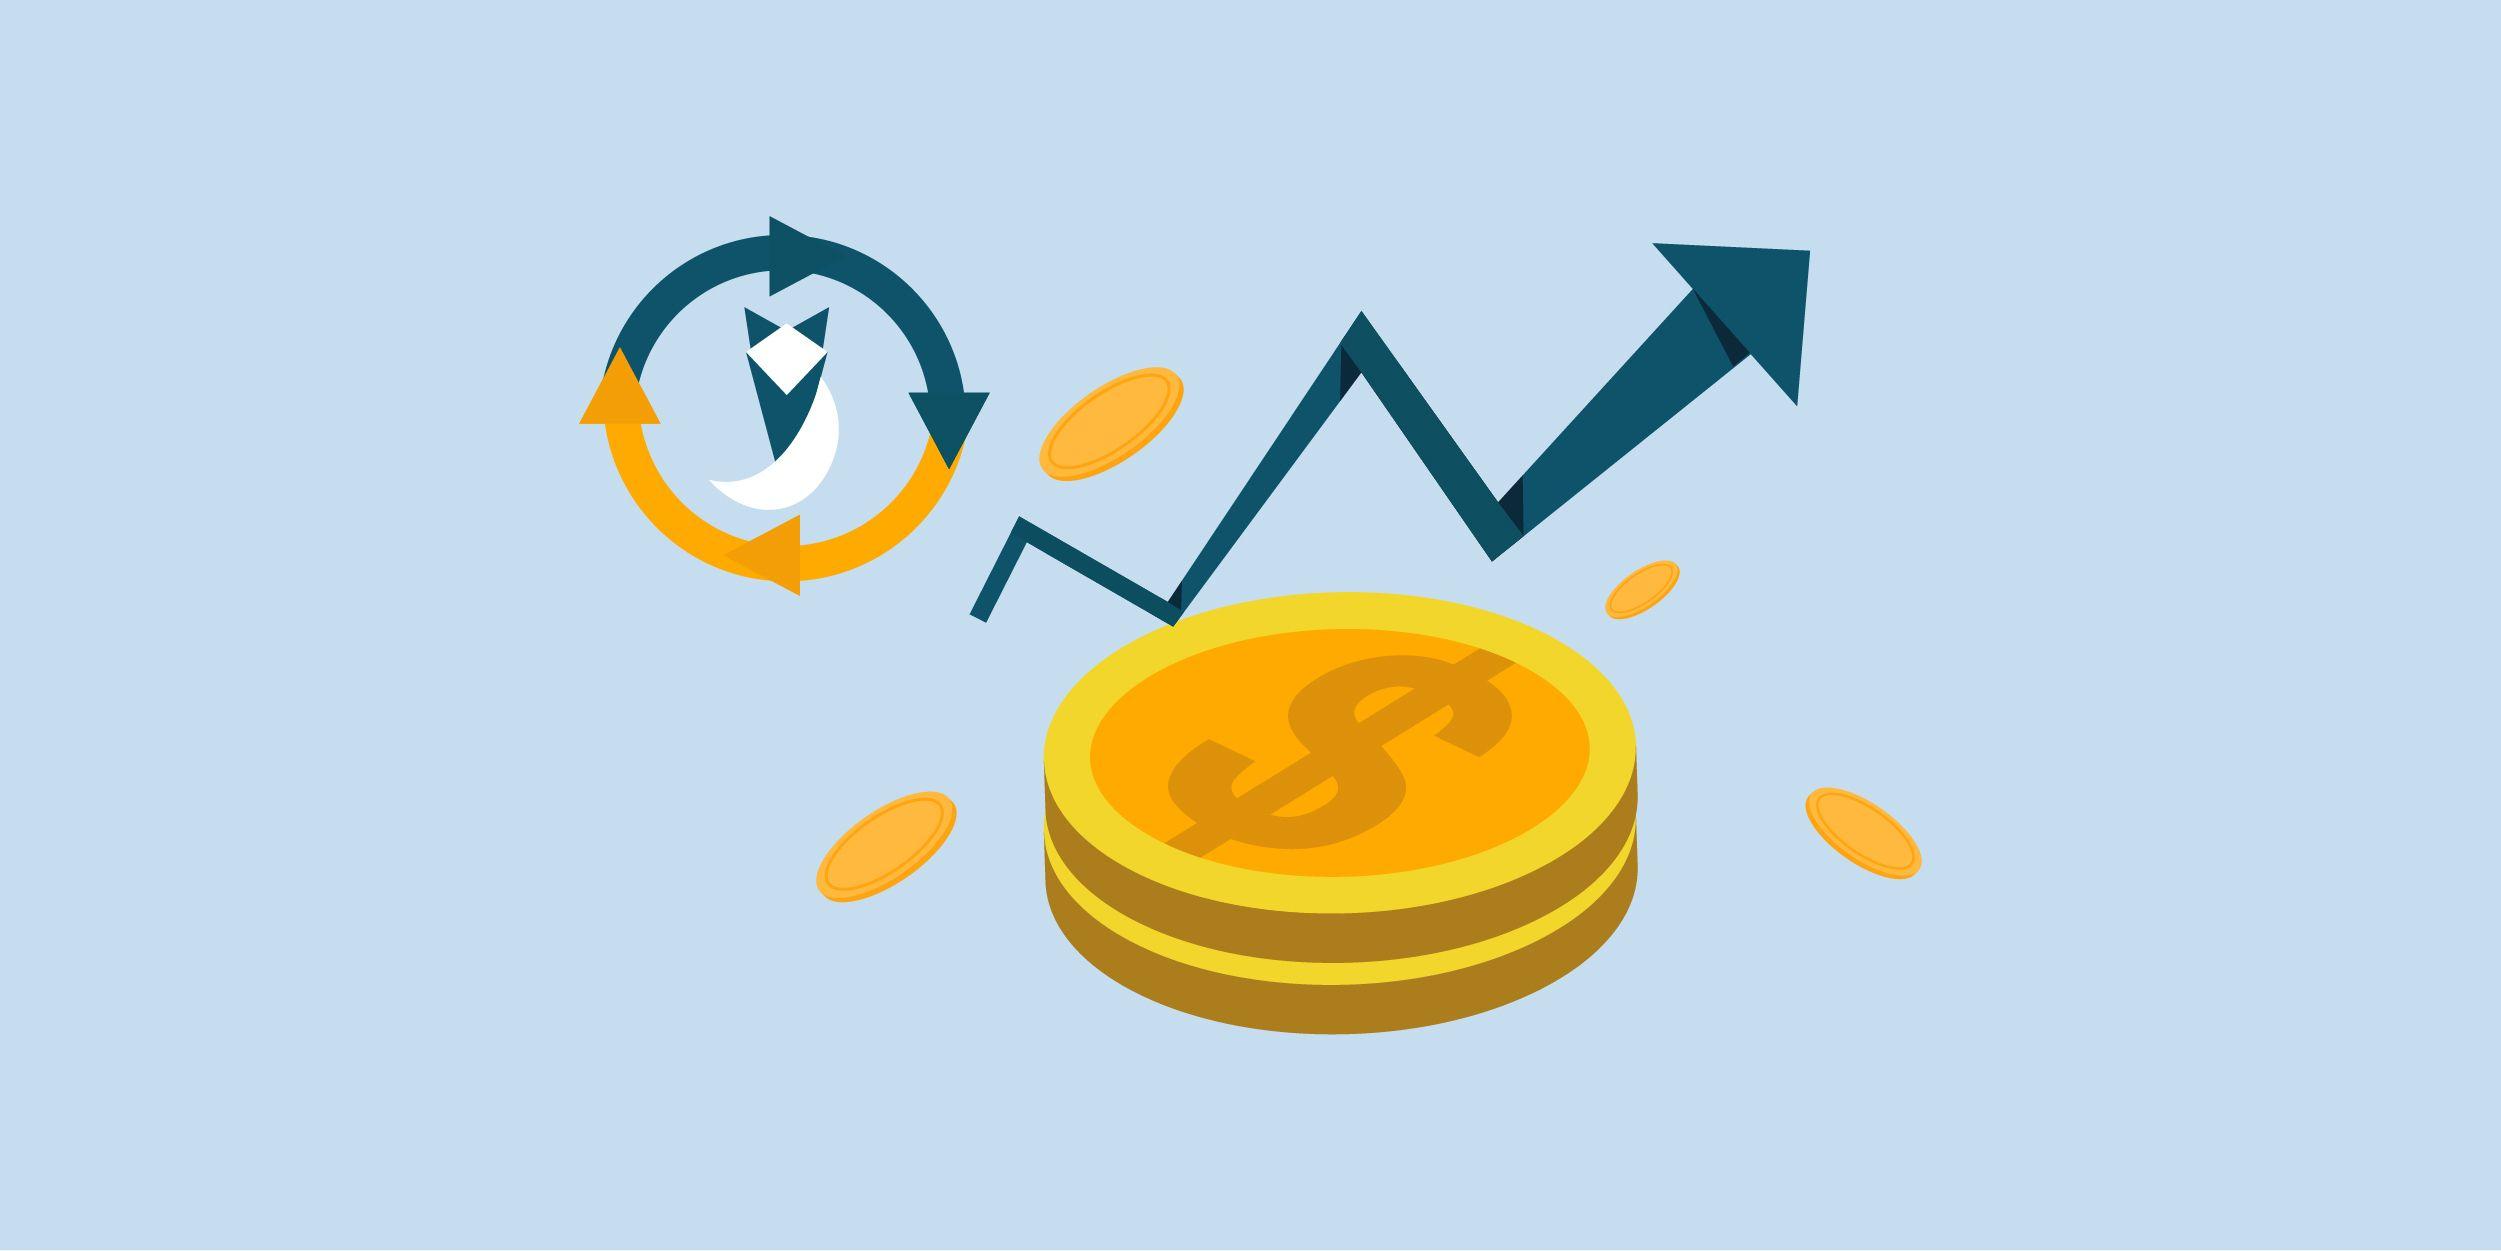 سعر الدولار اليوم فى البنوك المصرية اليوم 10 أغسطس 2021